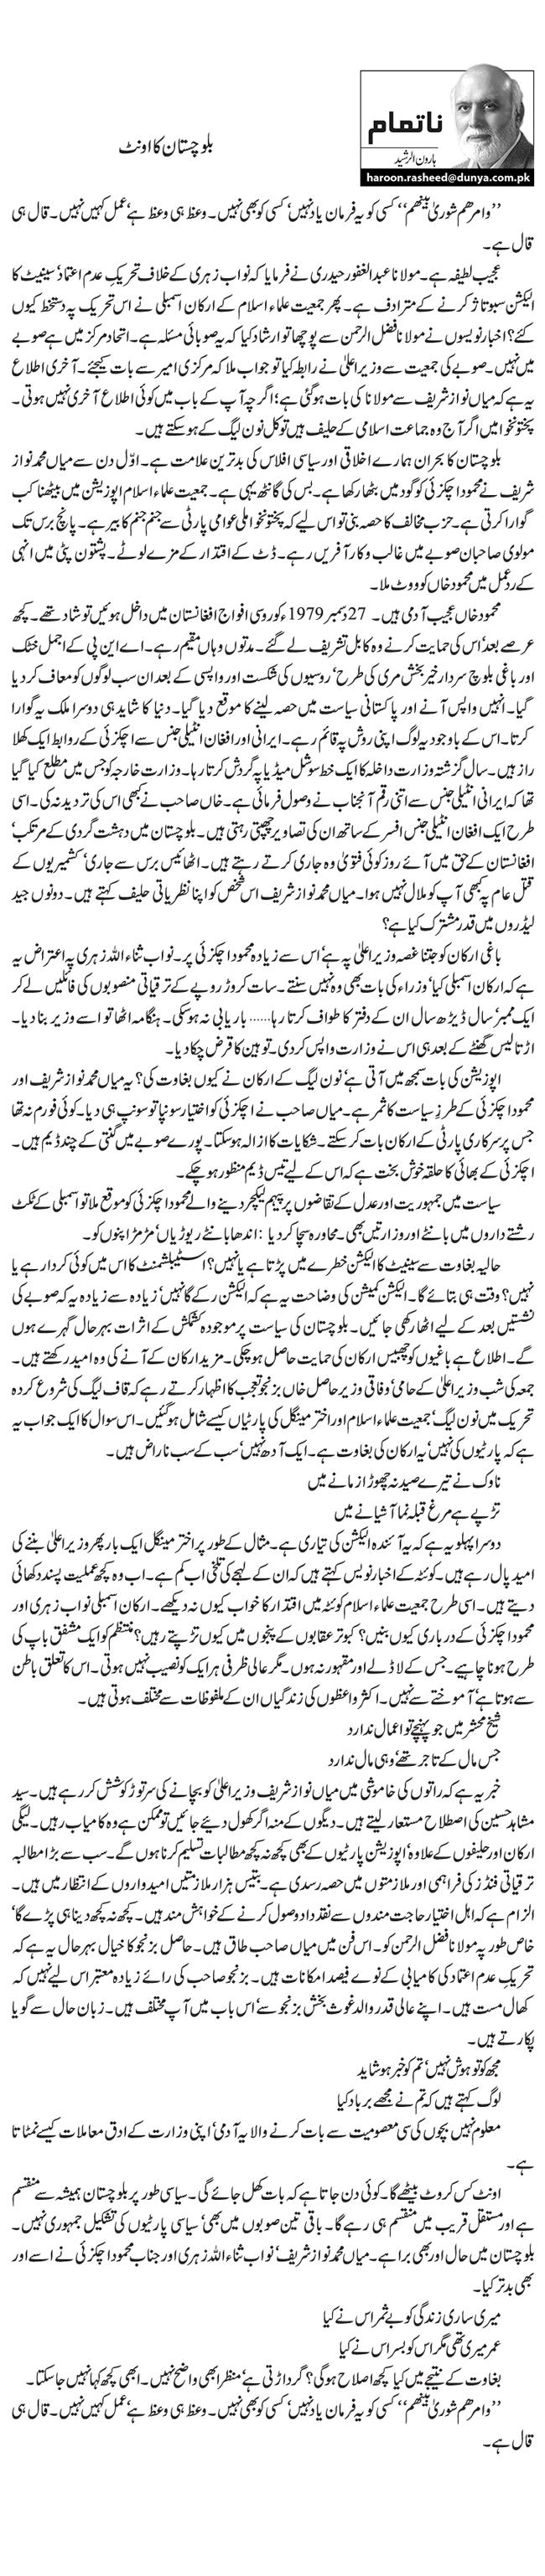 بلوچستان کا اونٹ